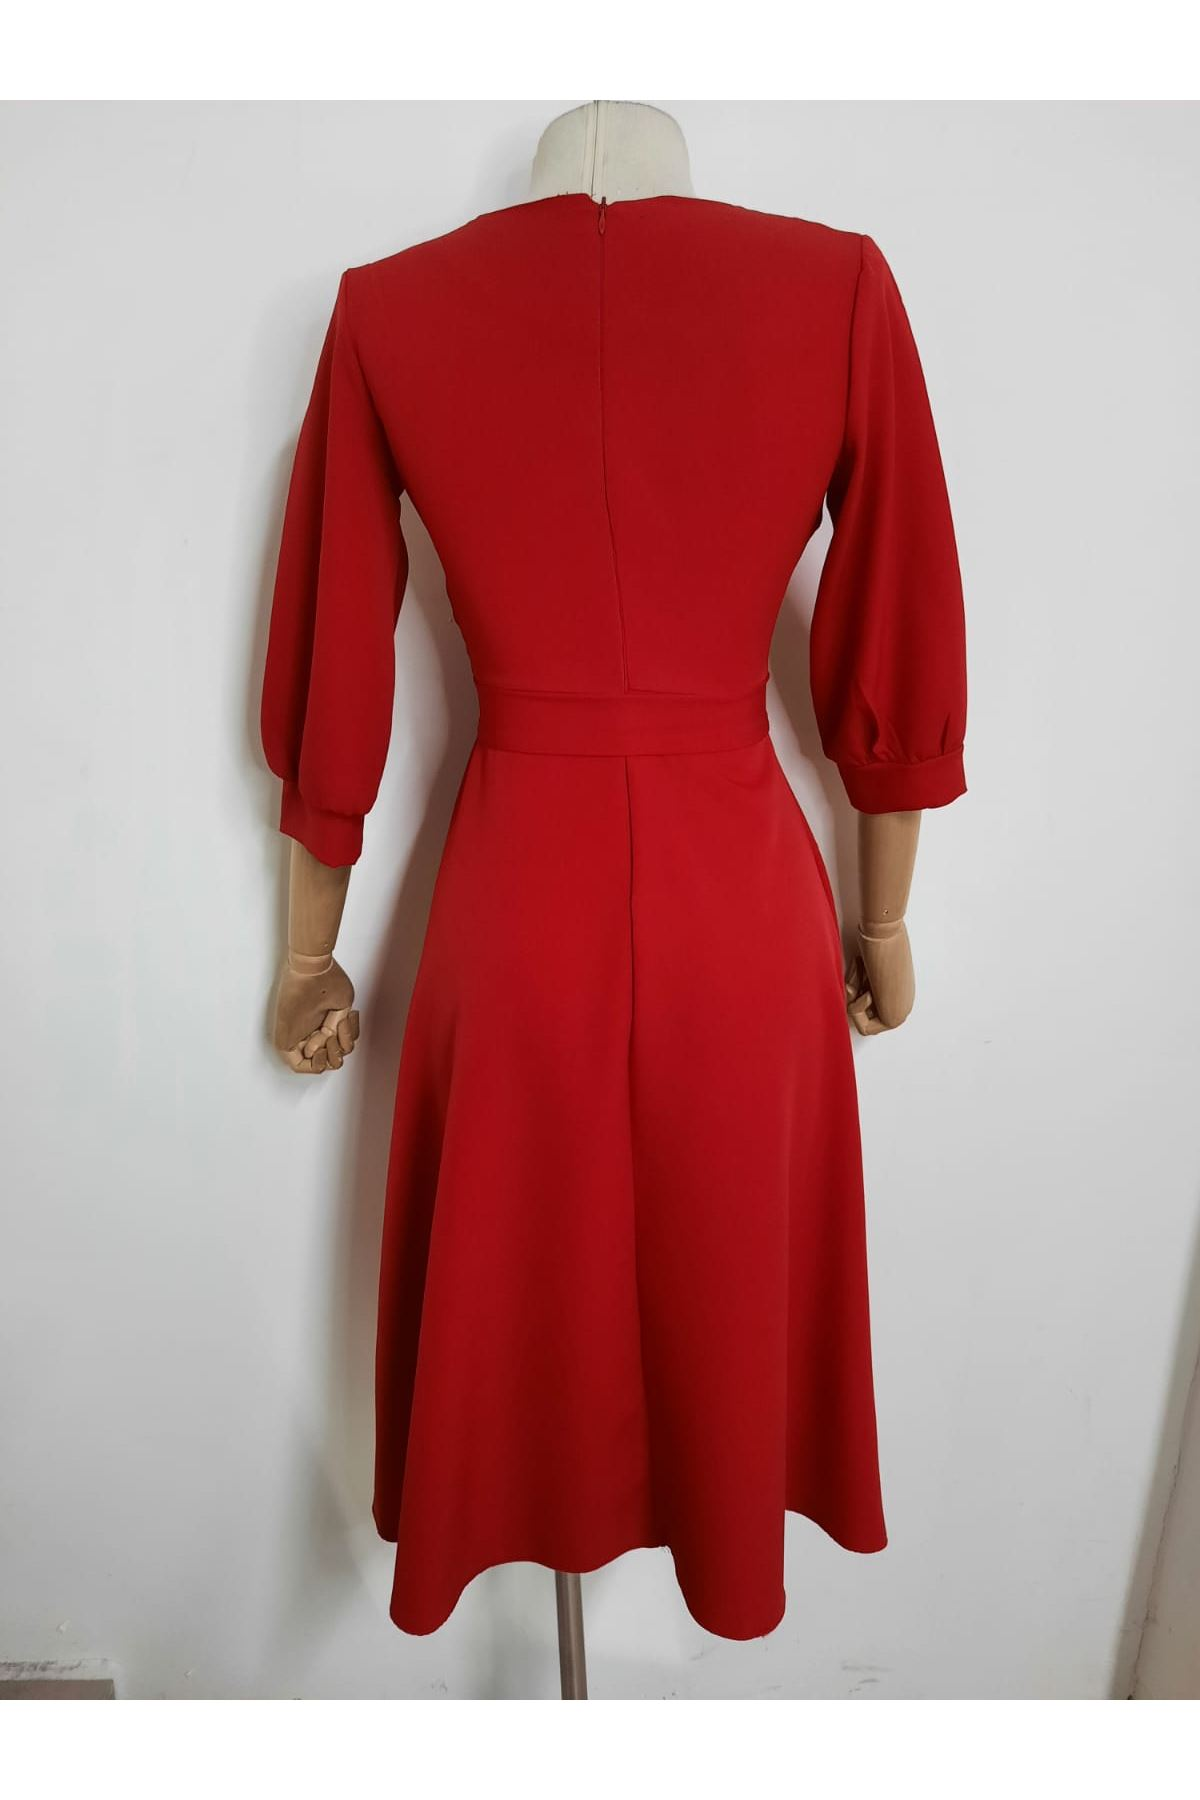 Balon Kol Kravuze Elbise - Kırmızı